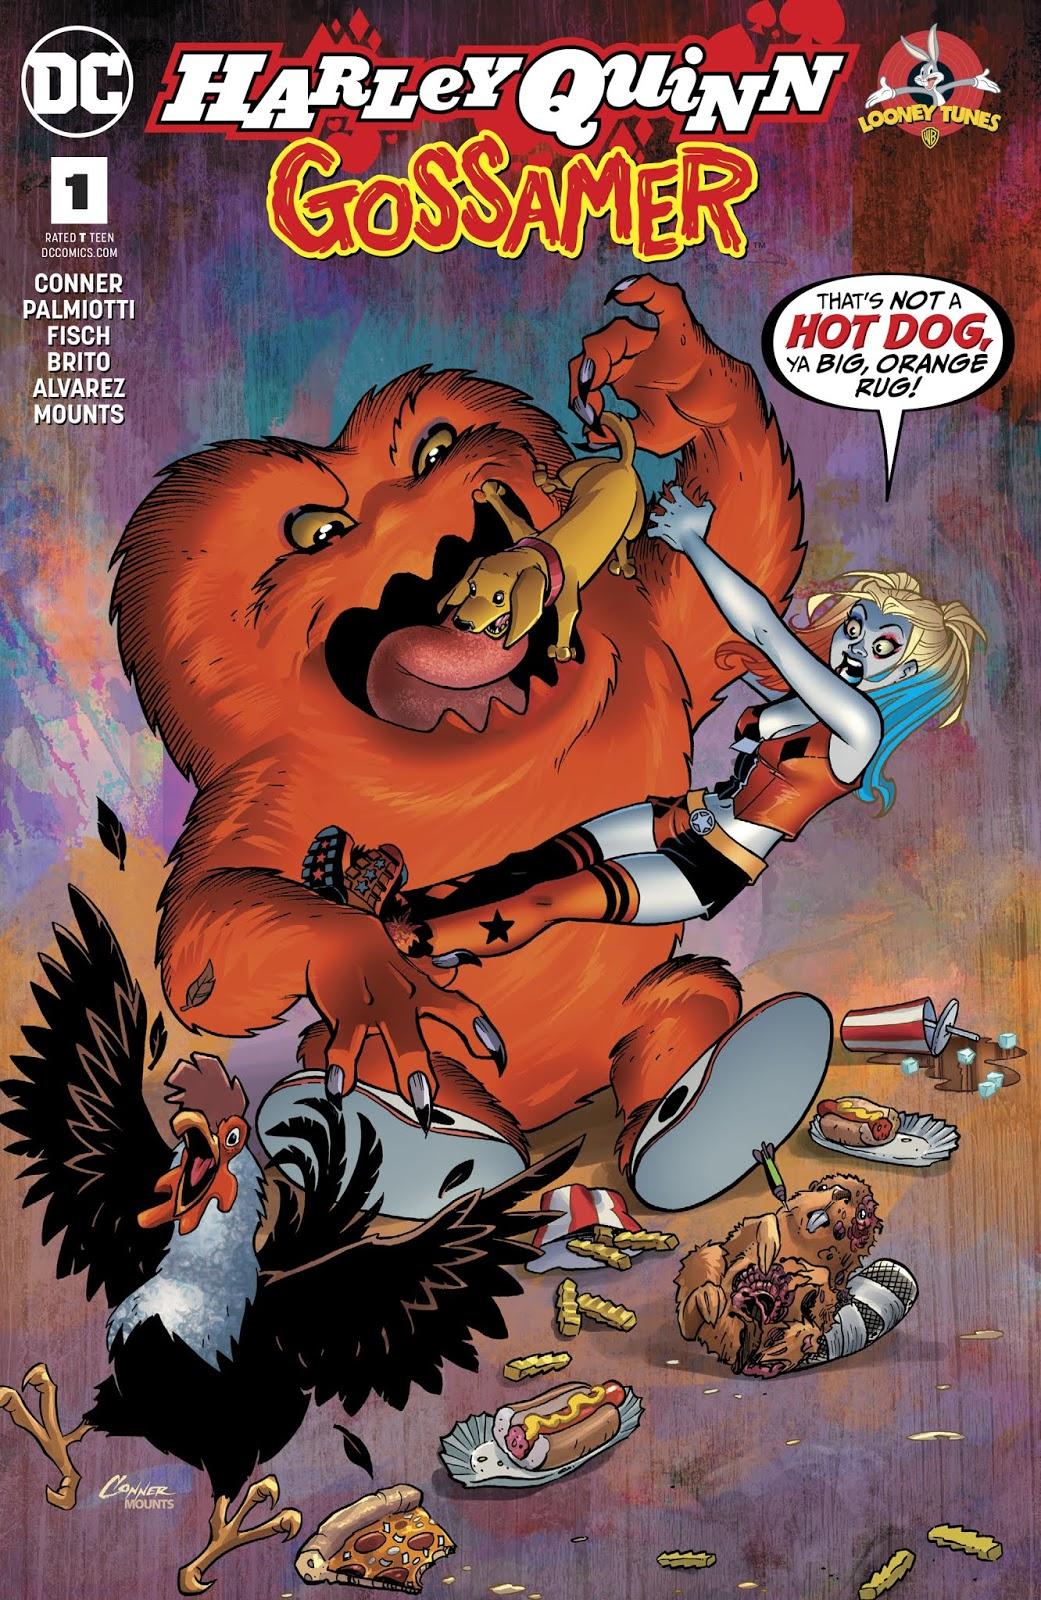 Harley Quinn/Gossamer Special Vol 1 1